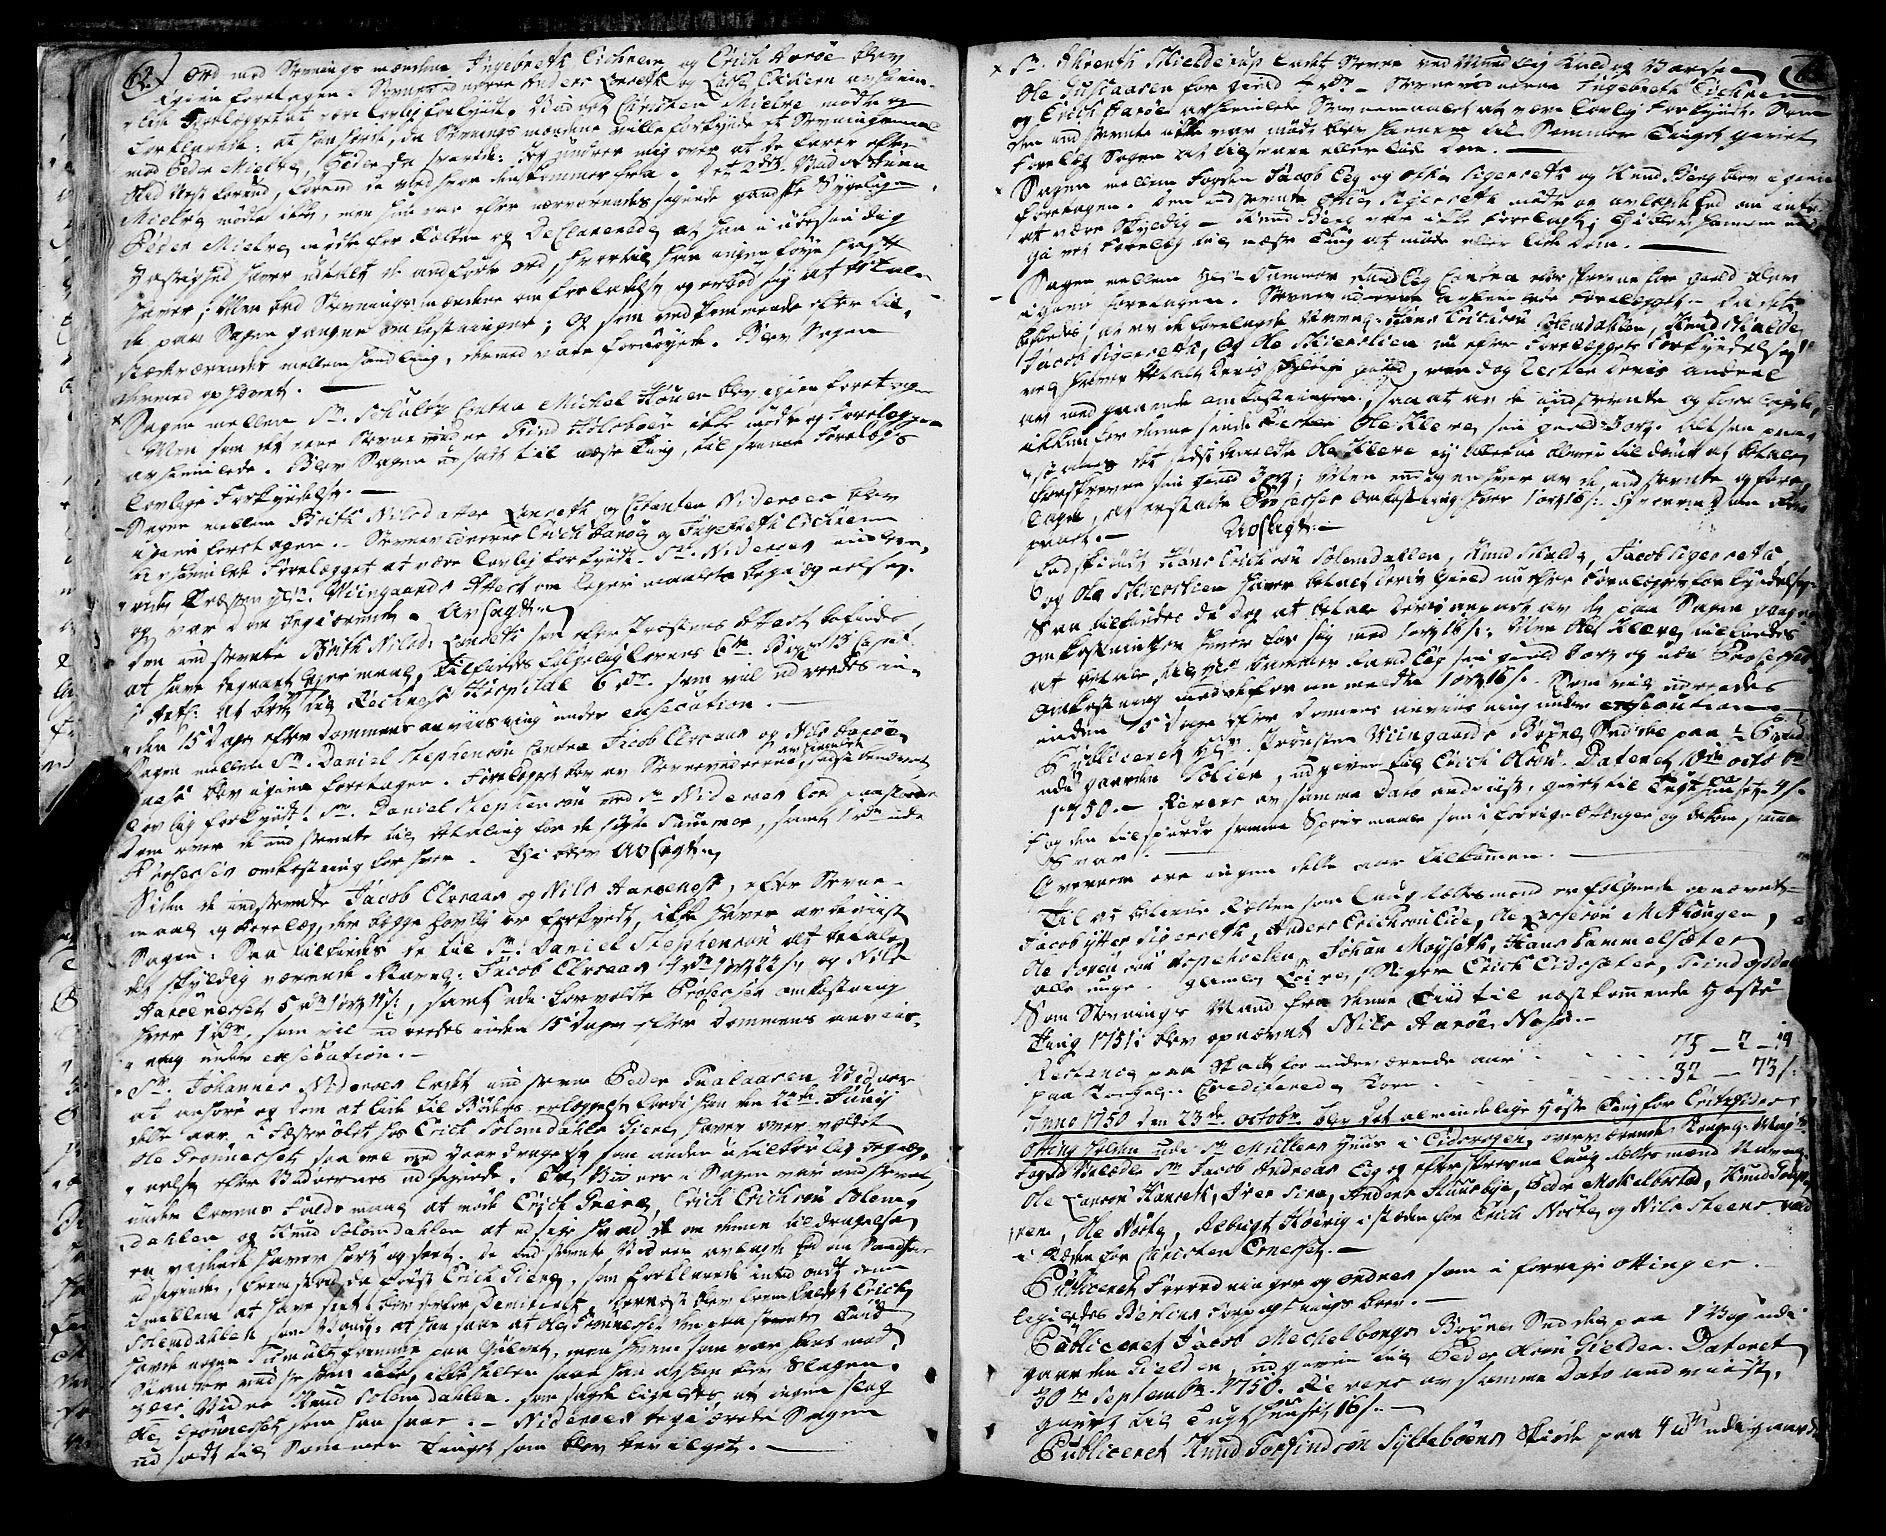 SAT, Romsdal sorenskriveri, 1/1A/L0013: Tingbok, 1749-1757, s. 62-63